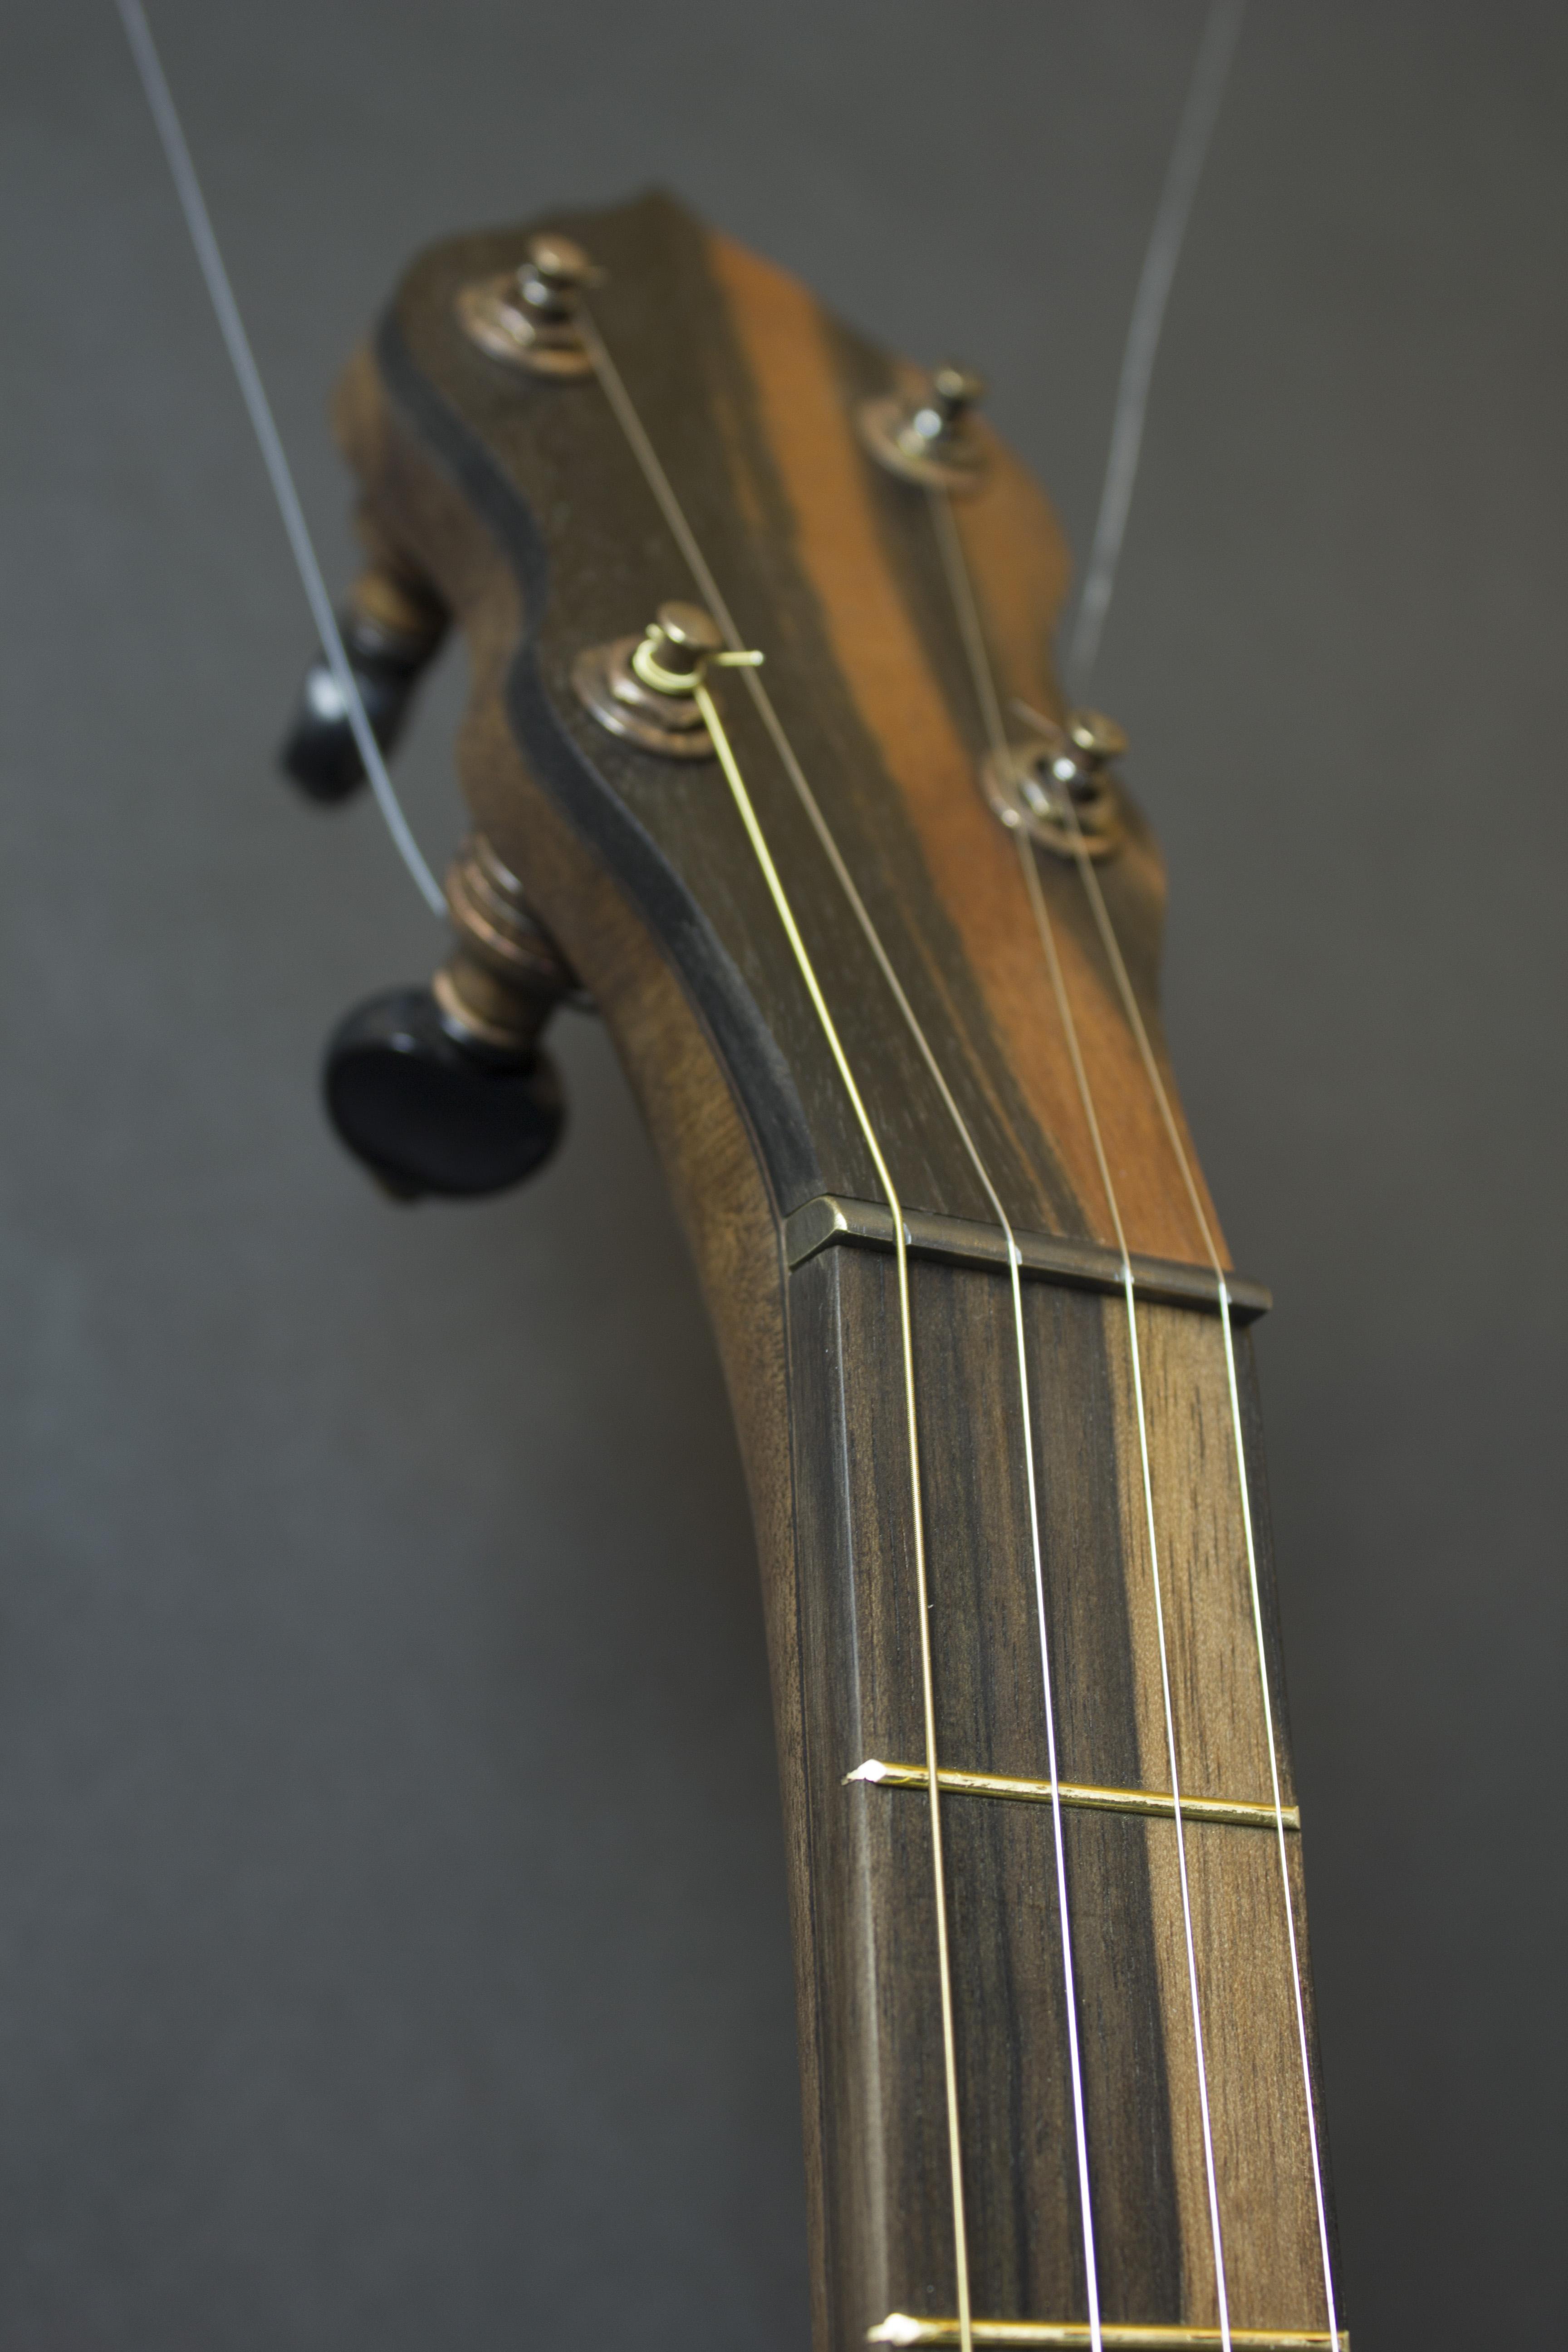 Fox Banjo 2 peghead detail